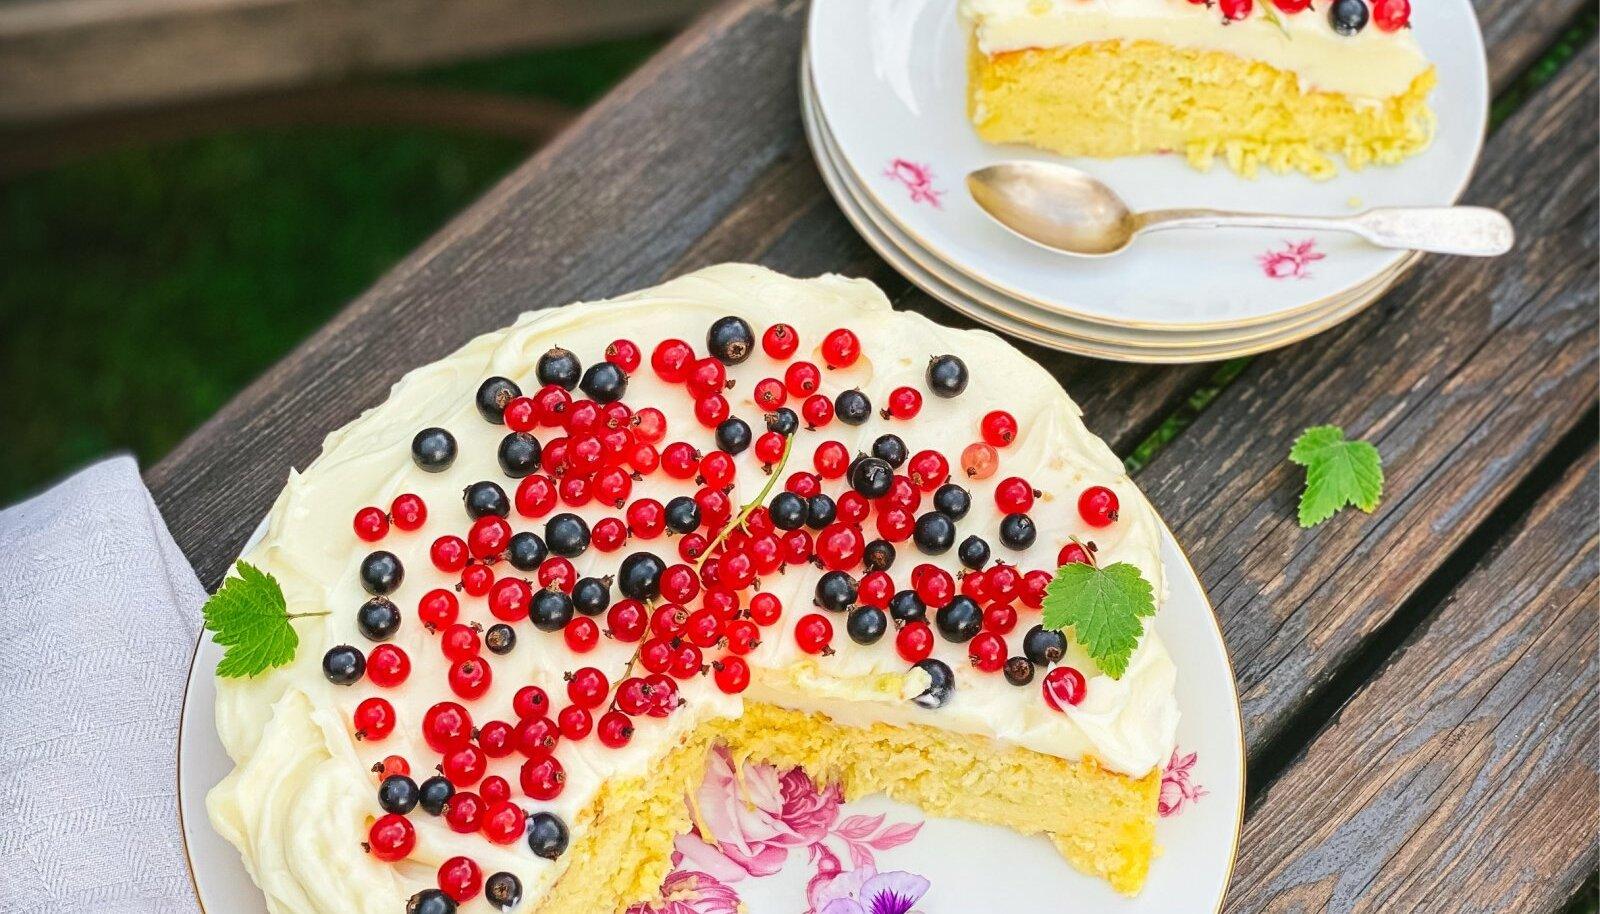 Suvikõrvits on mitmekesine - see sobib nii soolaste kui magusate toitude tegemiseks.